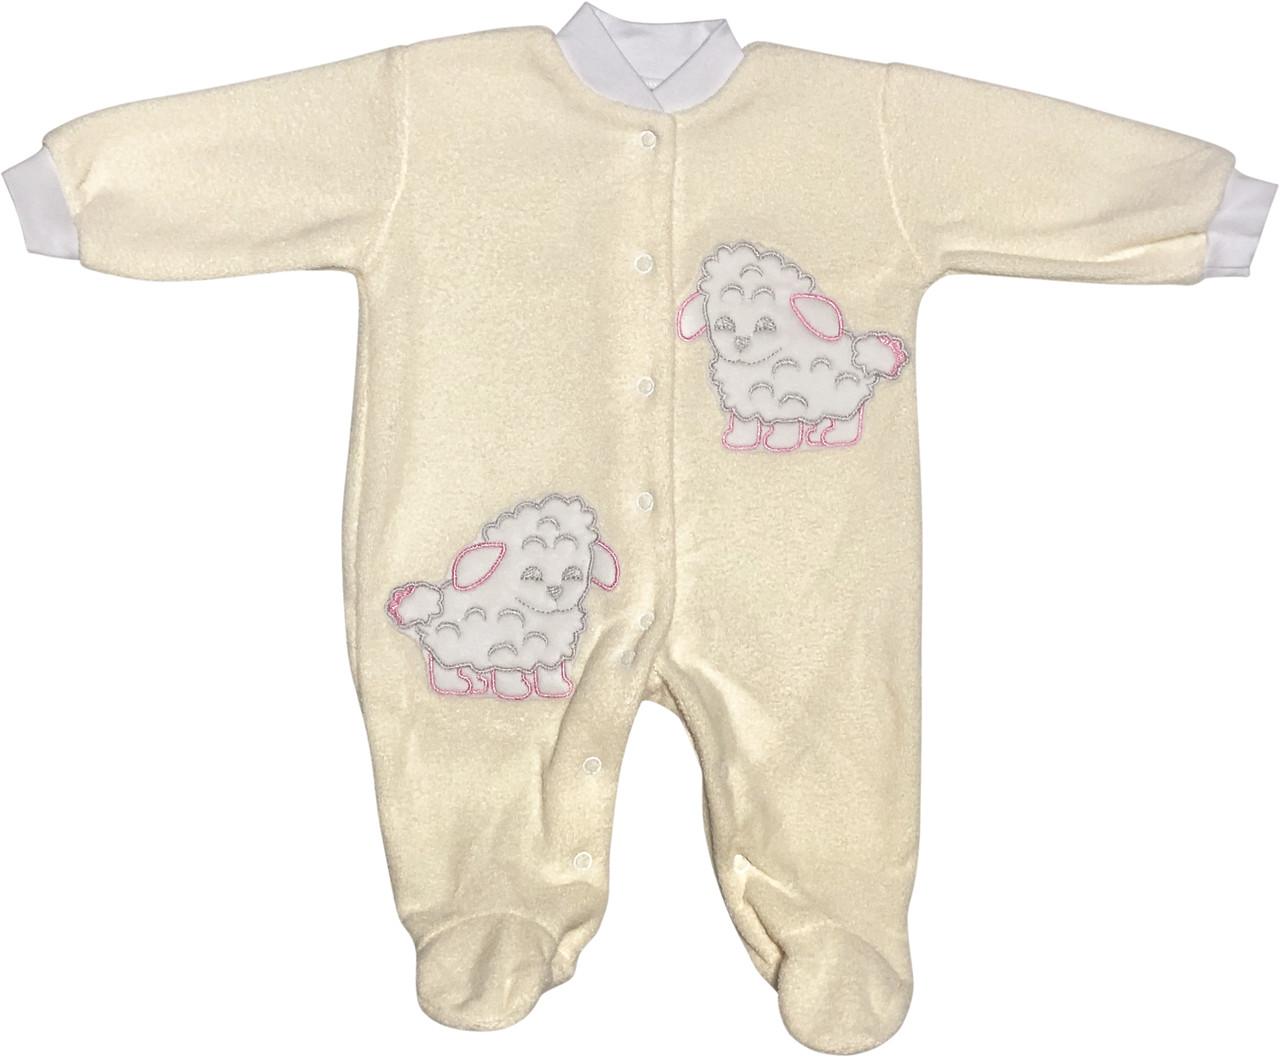 Дитячий теплий чоловічок ріст 68 3-6 міс махровий молочний на дівчинку сліп для новонароджених малюків Д445